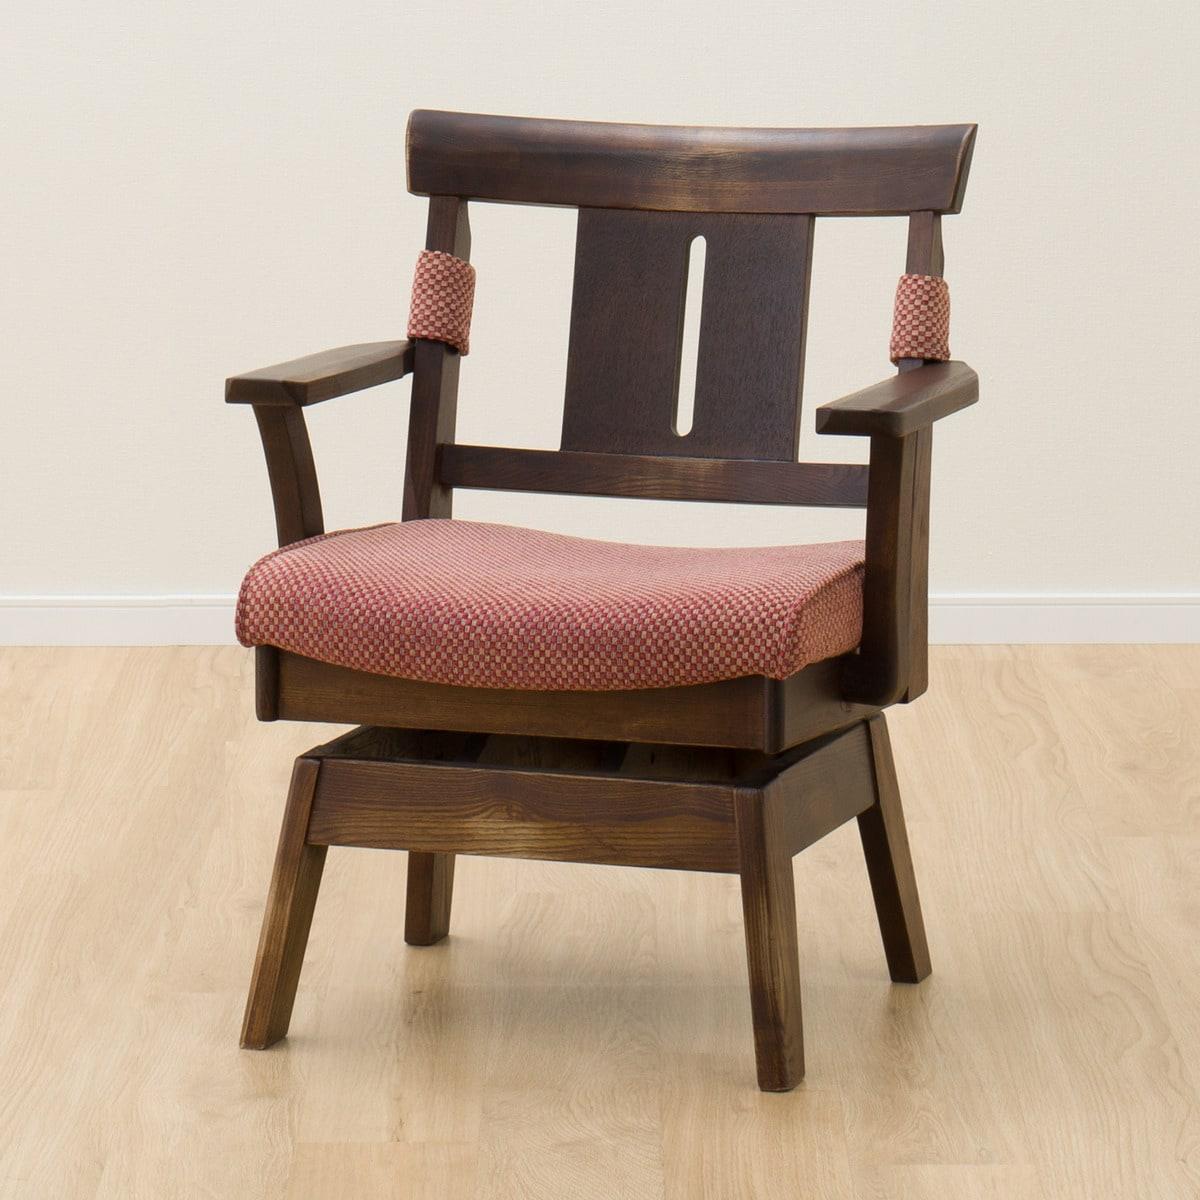 椅子 イス いす 食卓 ダイニングチェアー 木製 注目ブランド 和 幅64cm 天然木回転式ダイニングチェア リョウヒジカイテン 玄関先迄納品 肘付きダイニングチェア ヤマト2 有名な ダイニングチェア 食卓イス ニトリ 5年保証 DBR